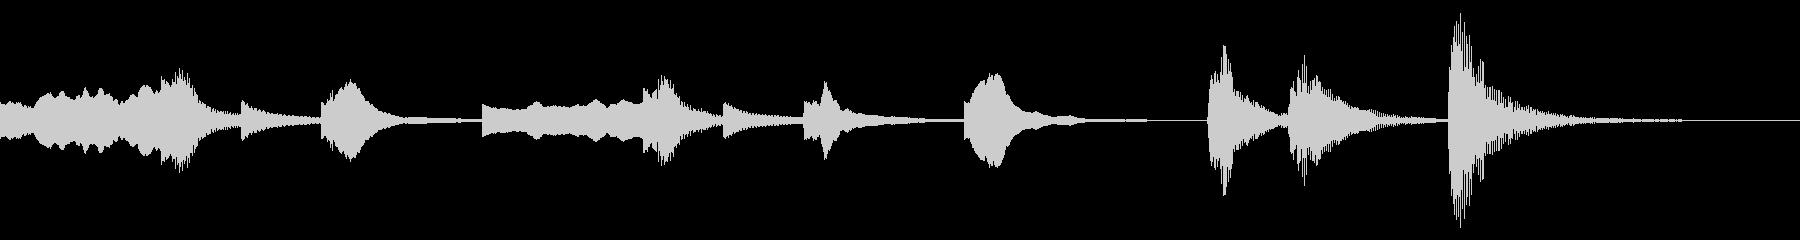 ストリングスとオルゴールの可愛いジングルの未再生の波形